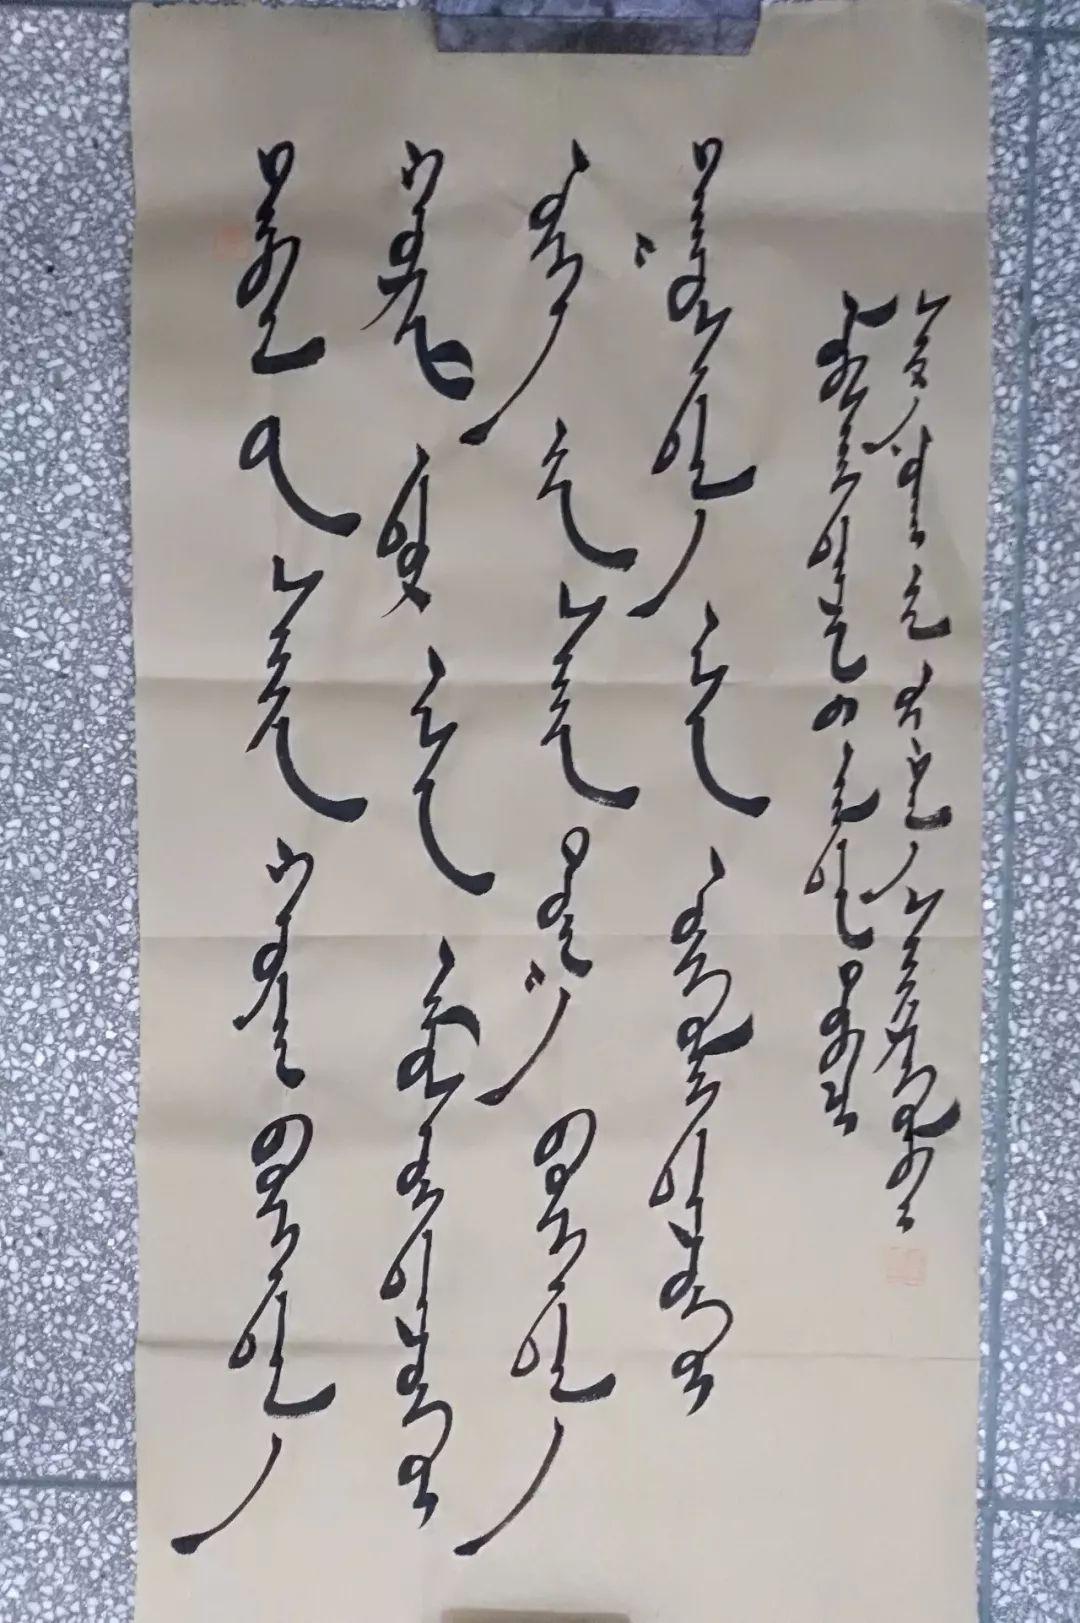 【人物】90后青年才俊乌塔拉:励志为蒙文书法篆刻艺术做贡献 第22张